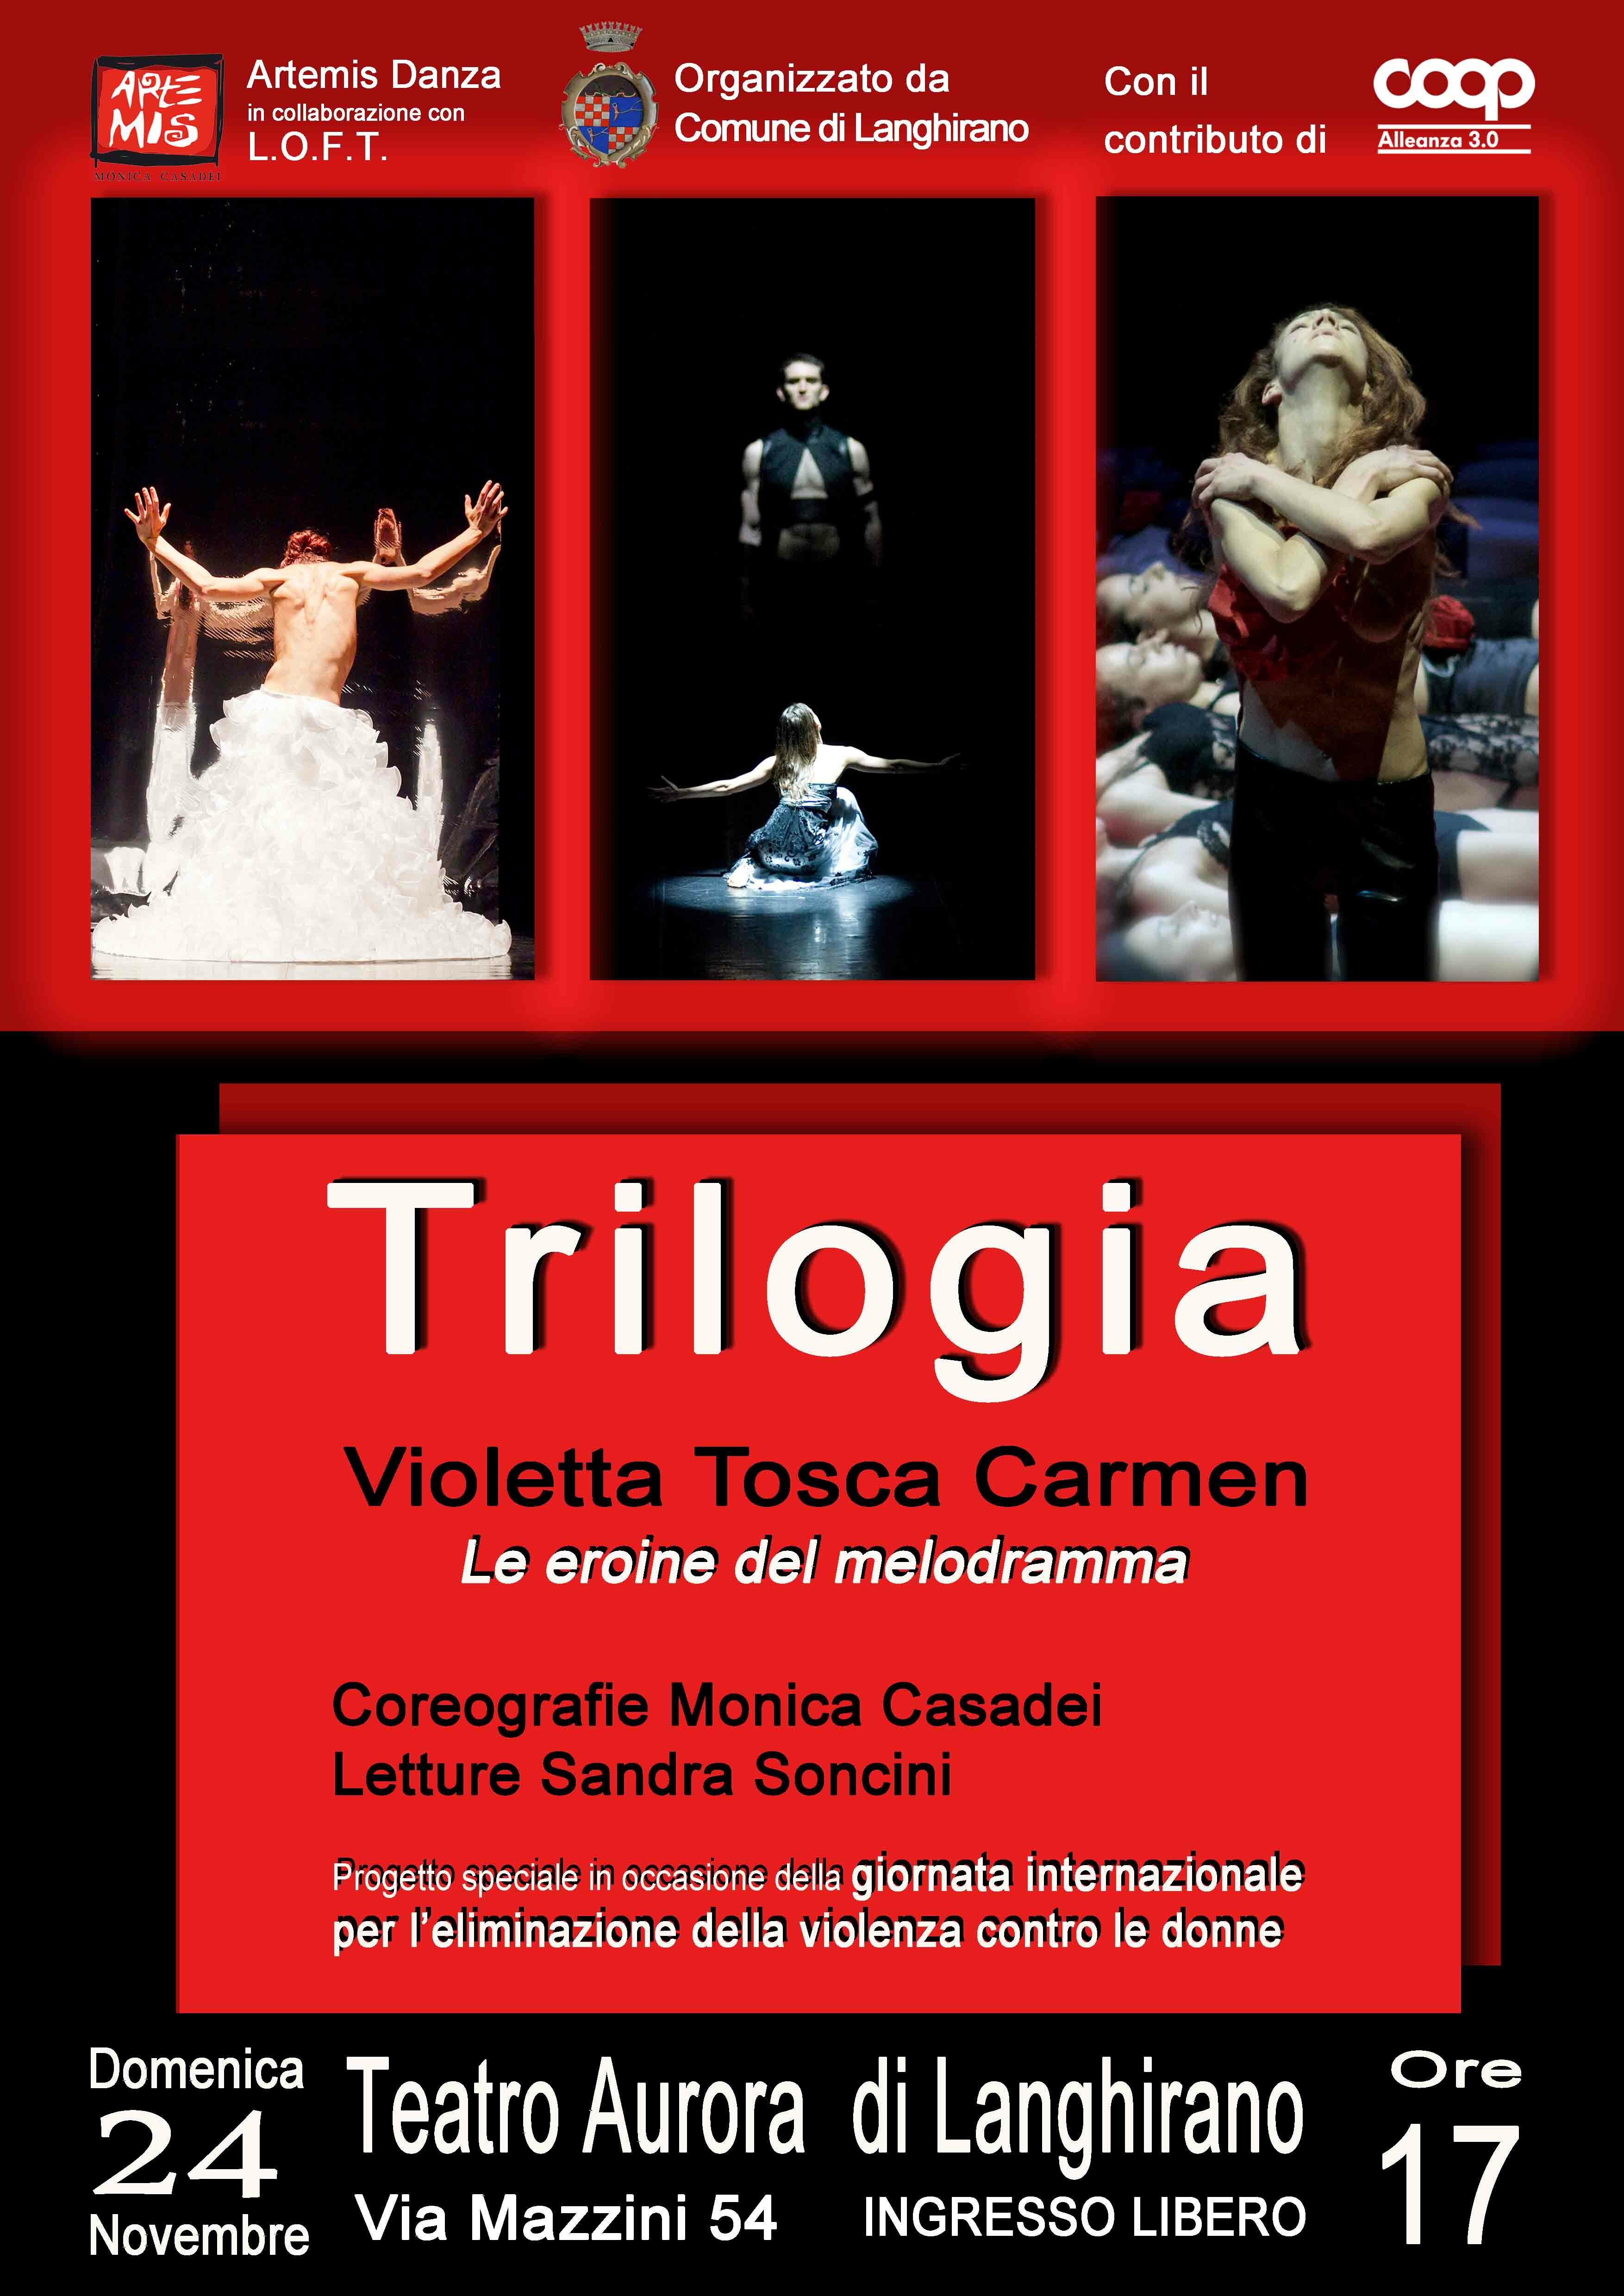 Trilogia Violetta Tosca Carmen Le eroine del melodramma  In occasione della Giornata Internazionale per l'eliminazione della violenza contro le donne